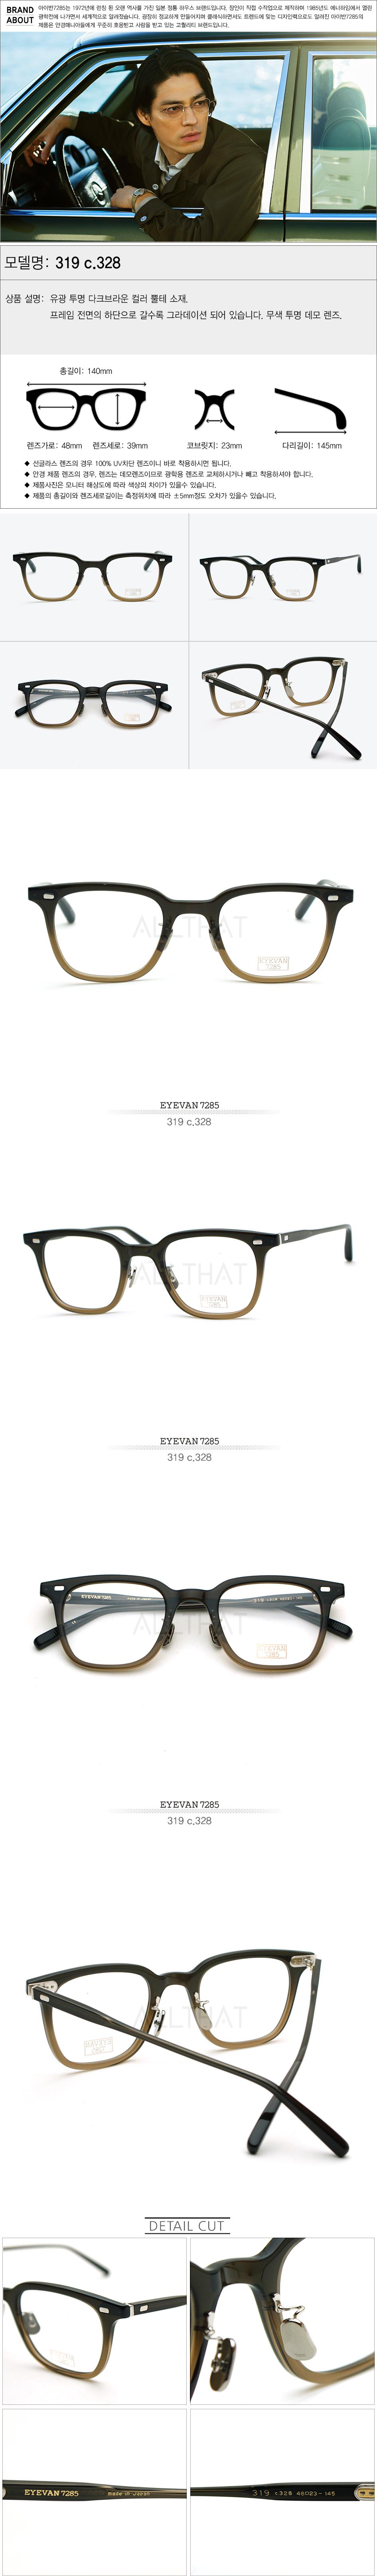 978192f61d2 올댓선글라스 아이반7285 안경  EYEVAN7285  EV-319 328 정품매장